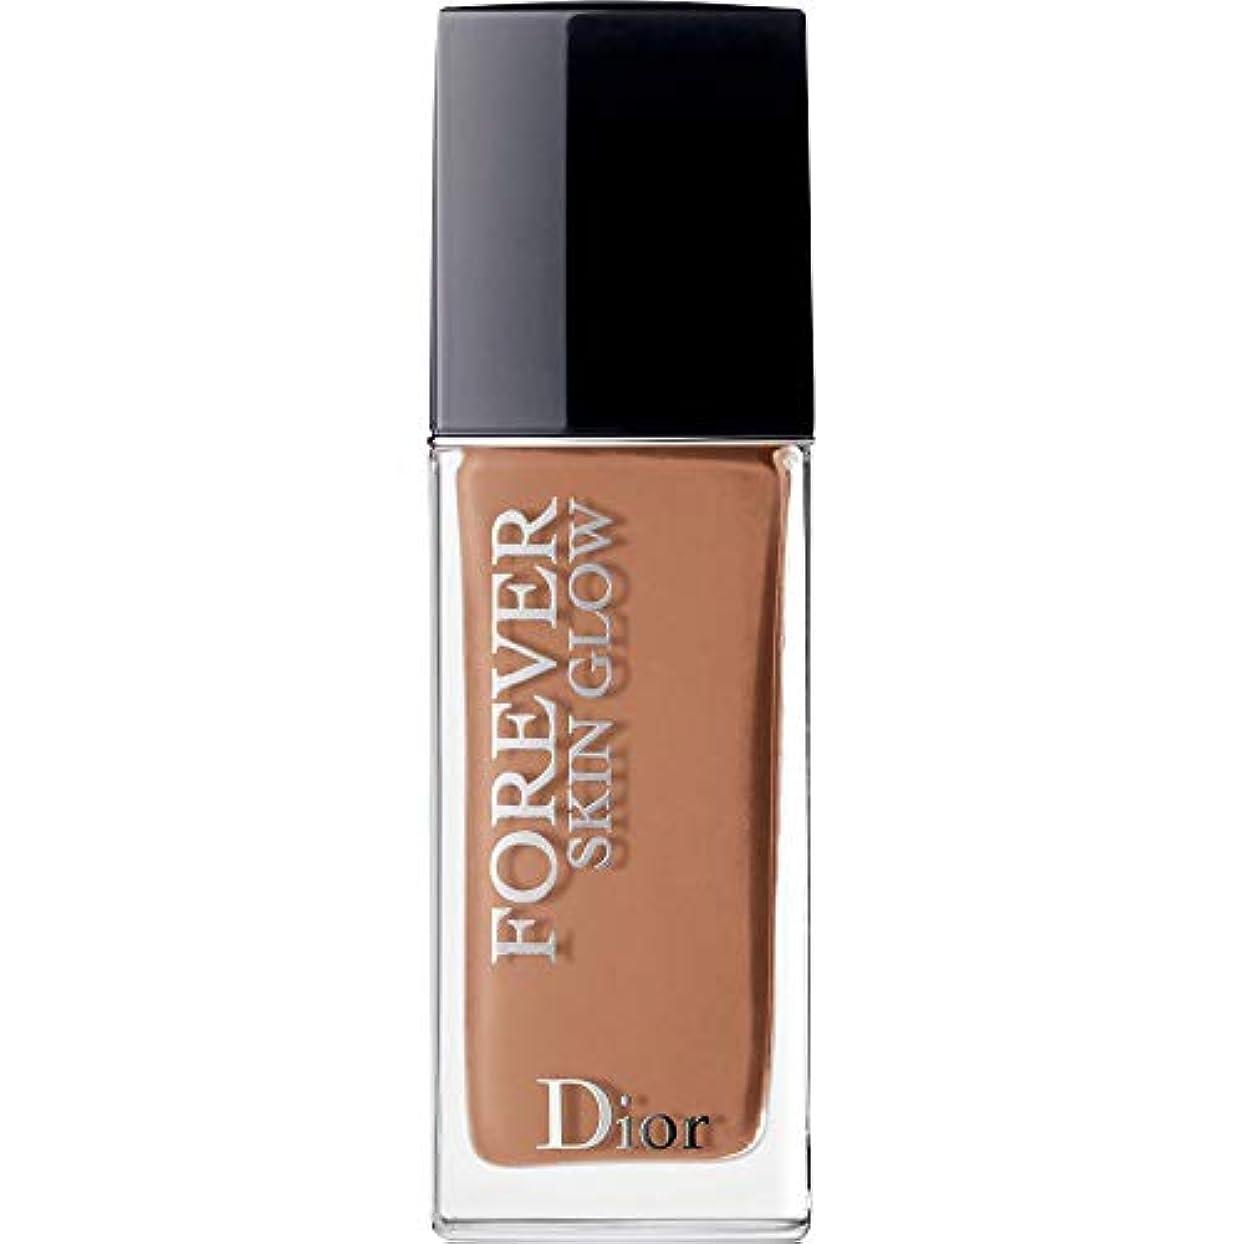 寄り添う液化する動作[DIOR] ディオール永遠に皮膚グロー皮膚思いやりの基礎Spf35 30ミリリットルの5N - ニュートラル(肌の輝き) - DIOR Forever Skin Glow Skin-Caring Foundation SPF35 30ml 5N - Neutral (Skin Glow) [並行輸入品]